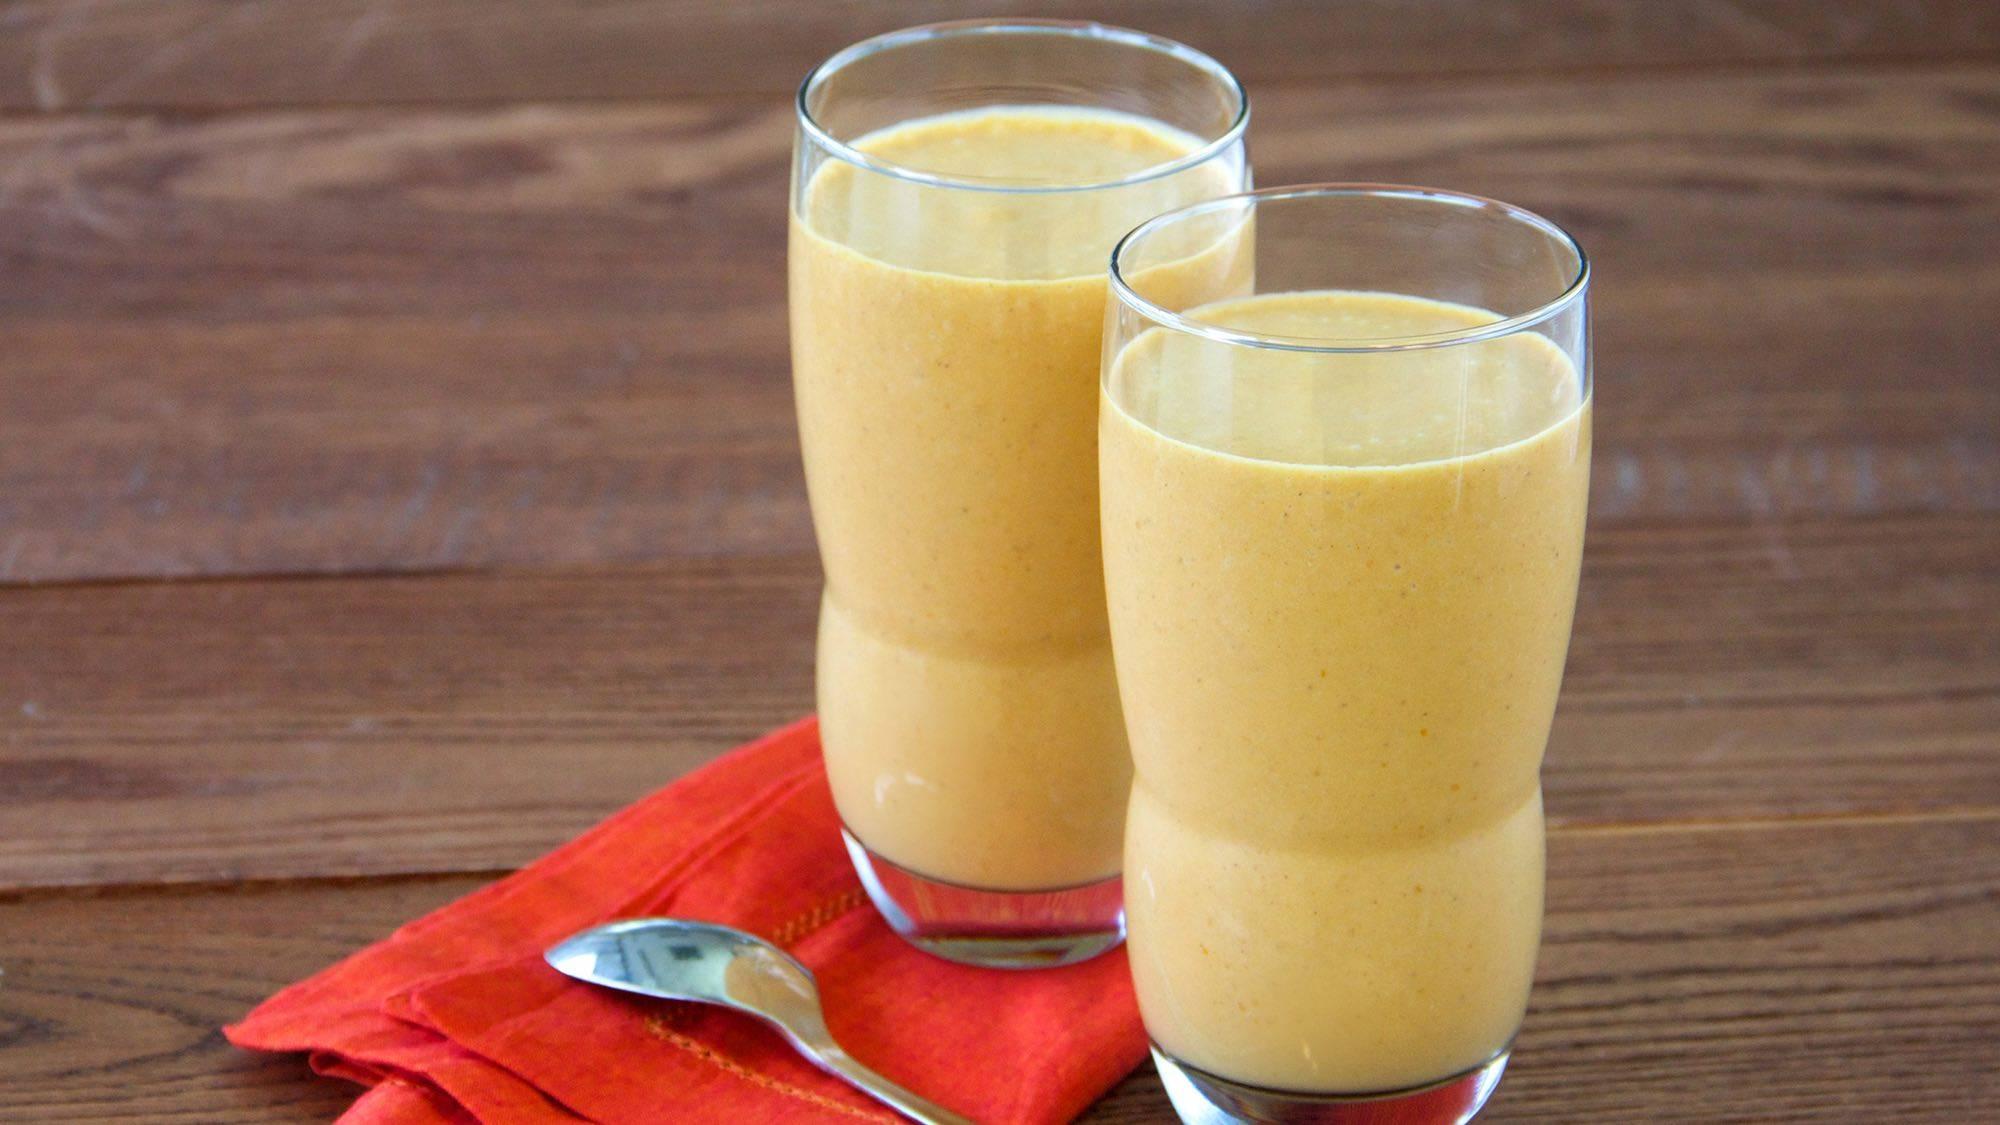 Смузи с молоком: рецепты в блендере с творогом и манго, из овсяного молока с ягодами и с вишней, с черной смородиной и шоколадом